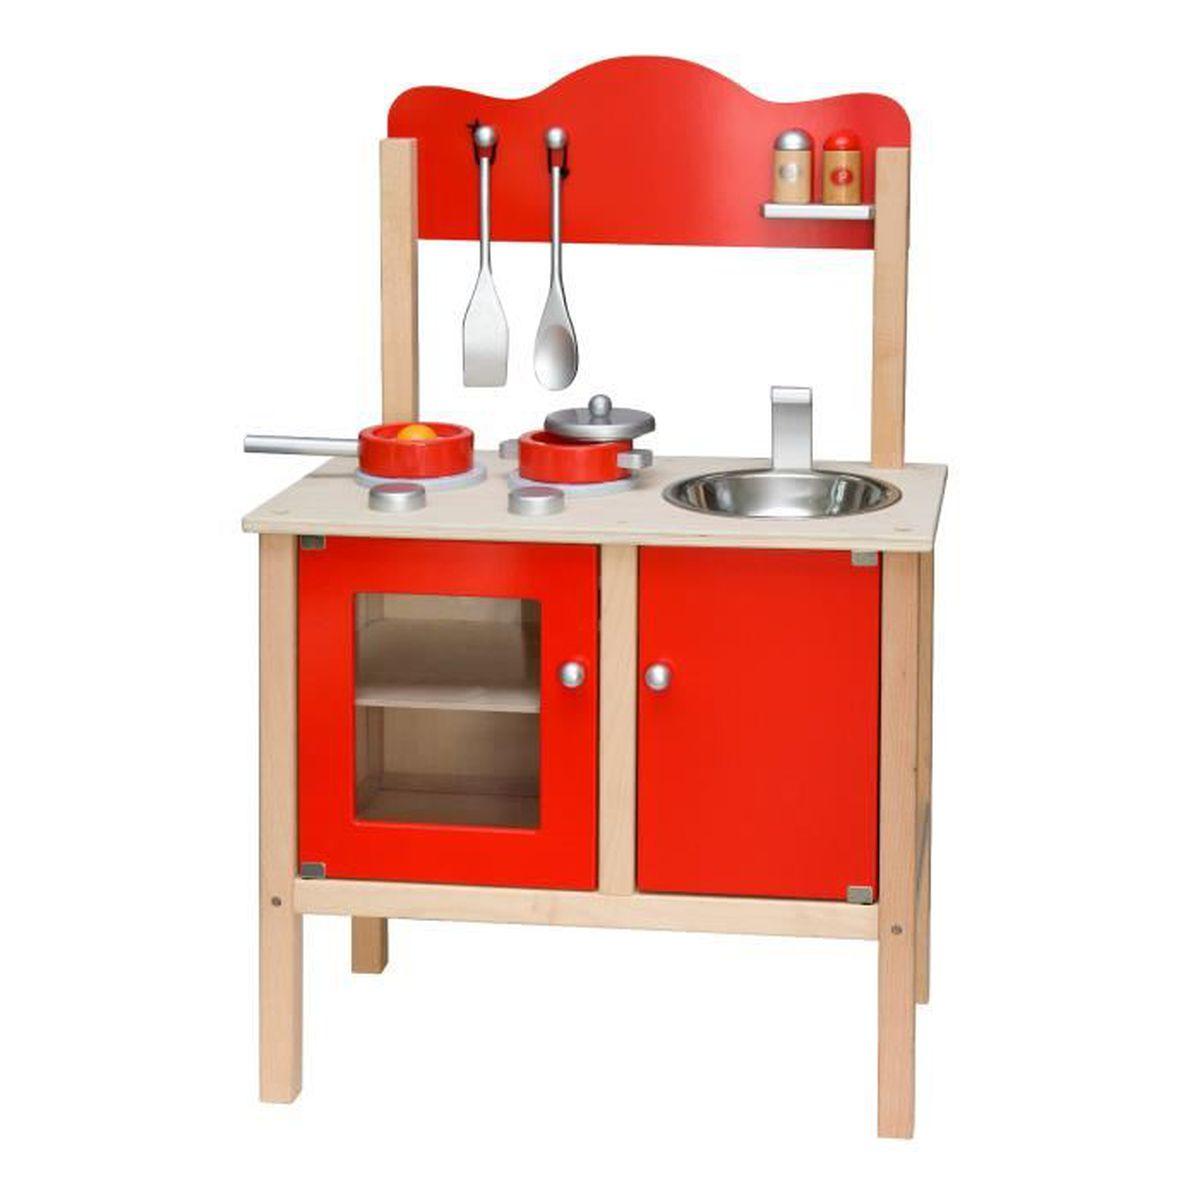 cuisine en bois avec accessoires enfant 3ans rouge achat vente evier de cuisine cuisine. Black Bedroom Furniture Sets. Home Design Ideas